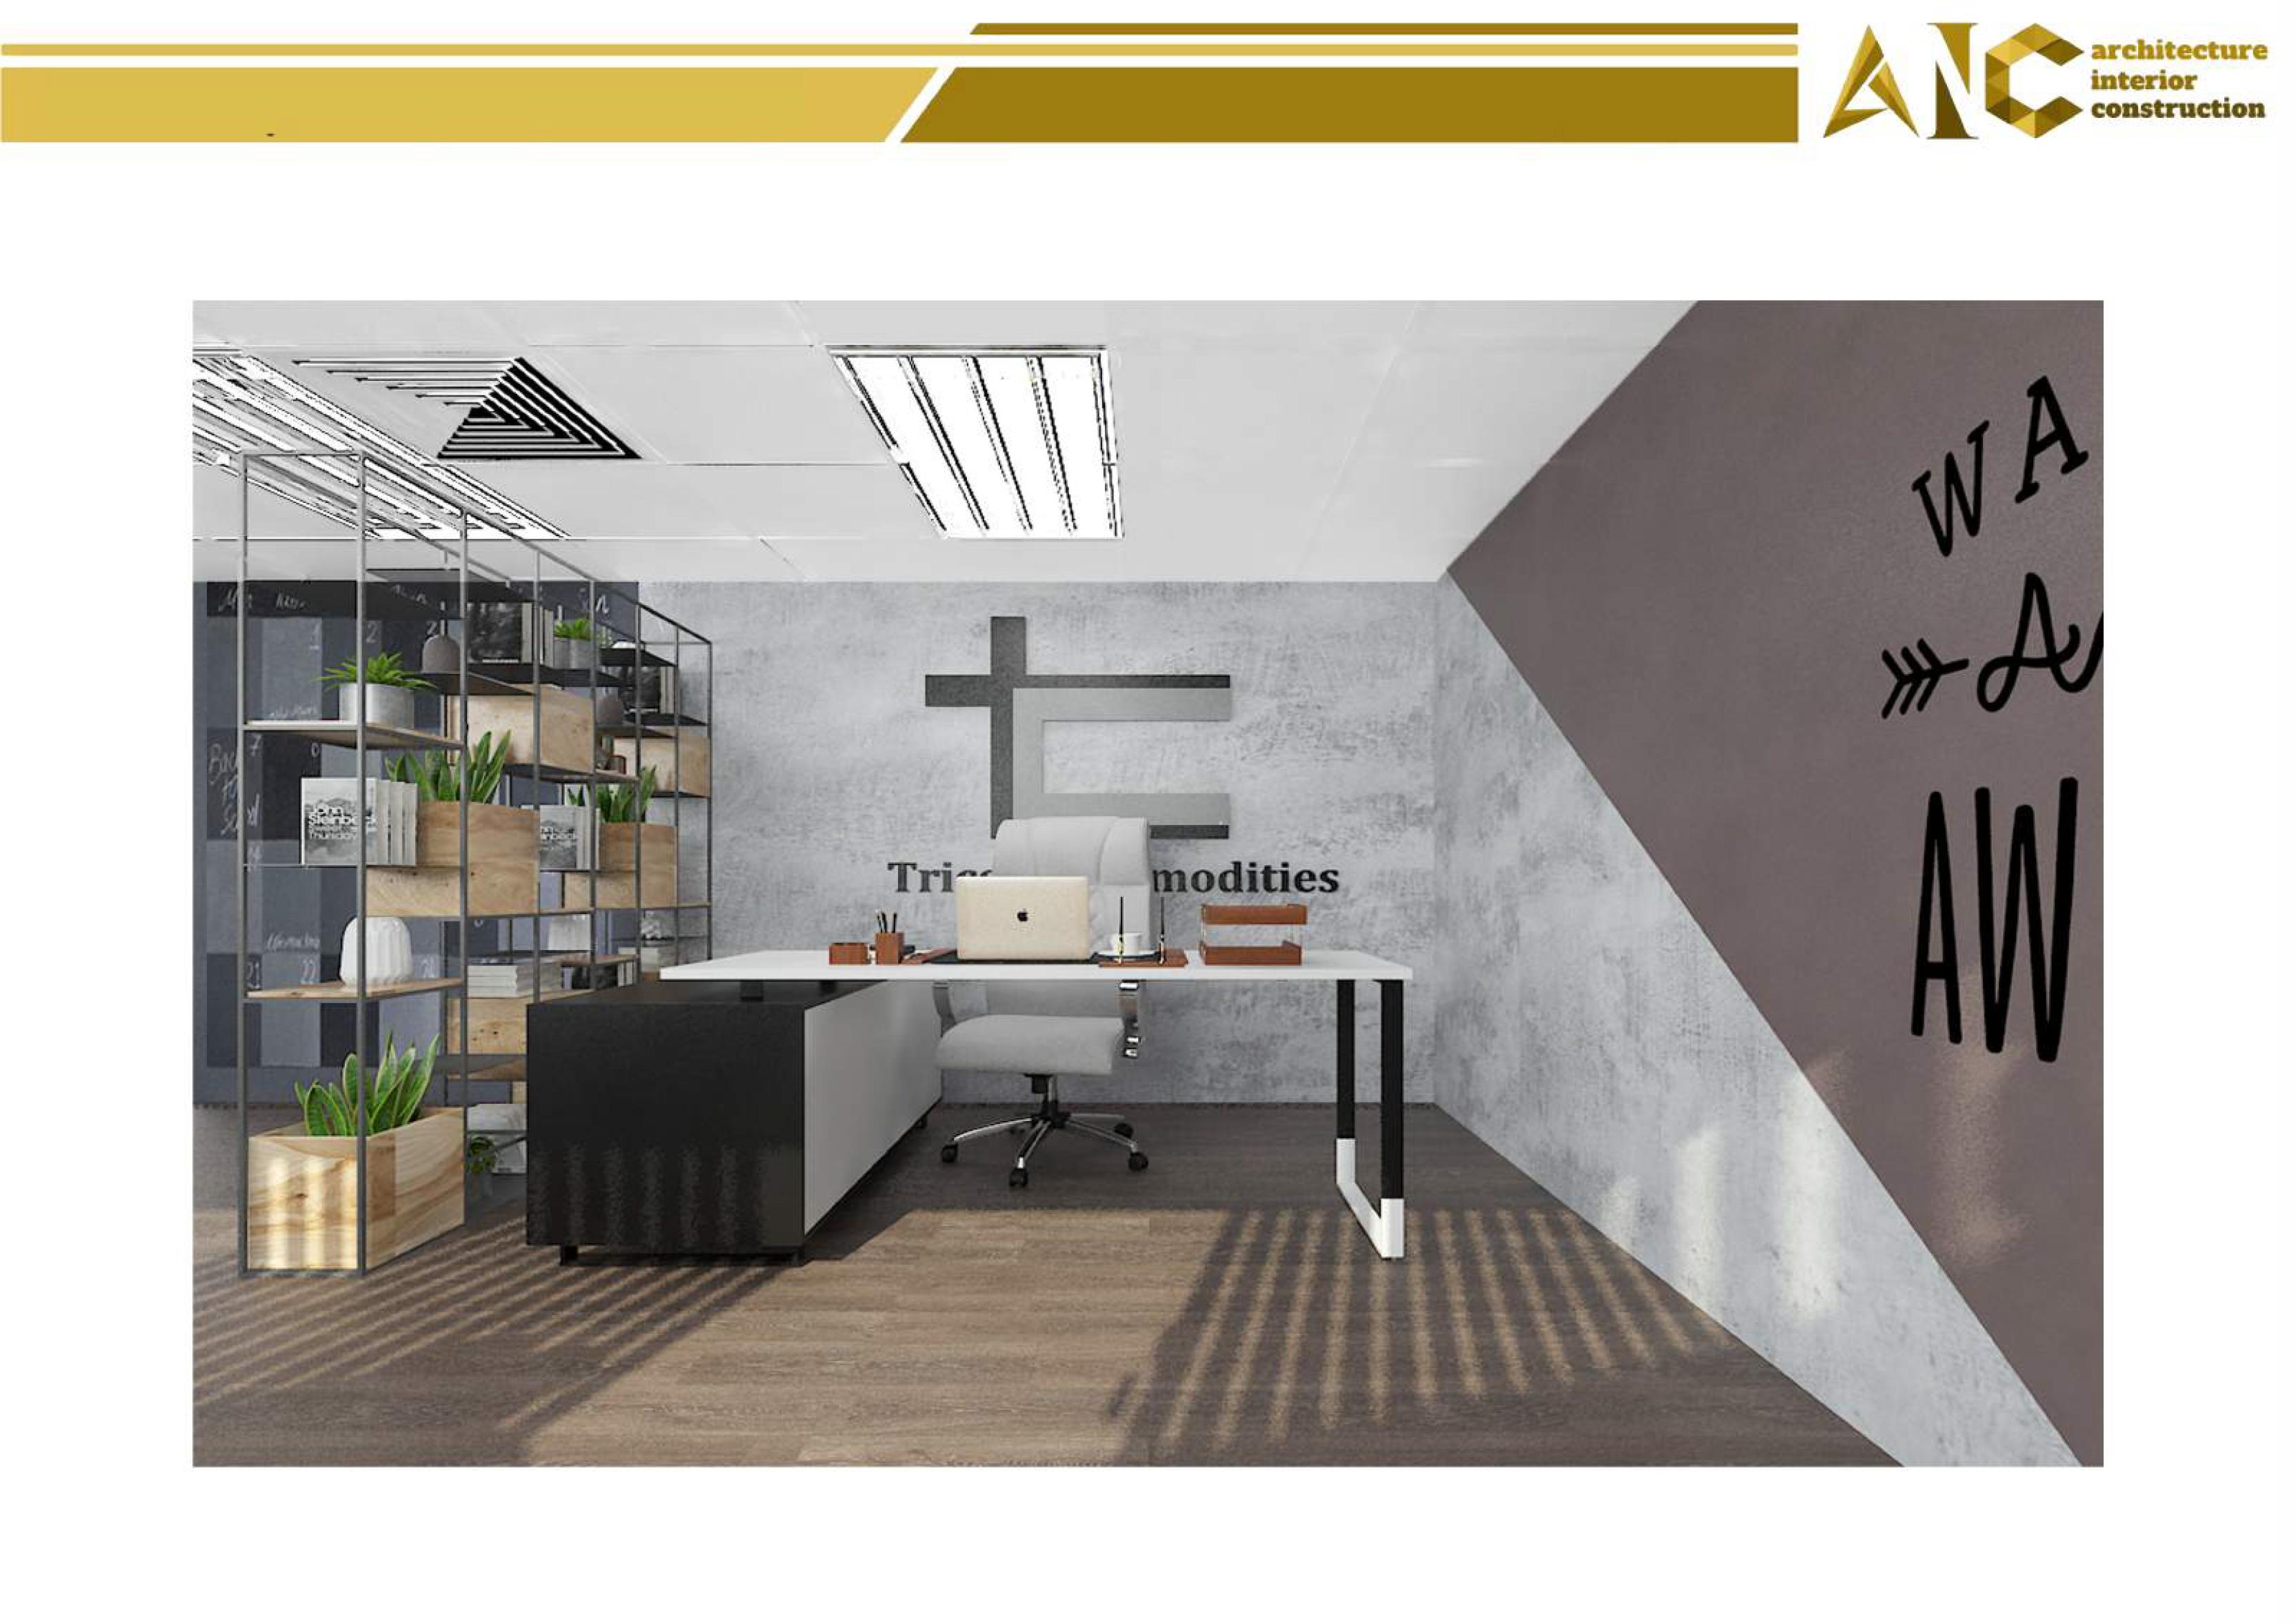 Thiết kế nội thất văn phòng điều- phòng giám đốc view 1